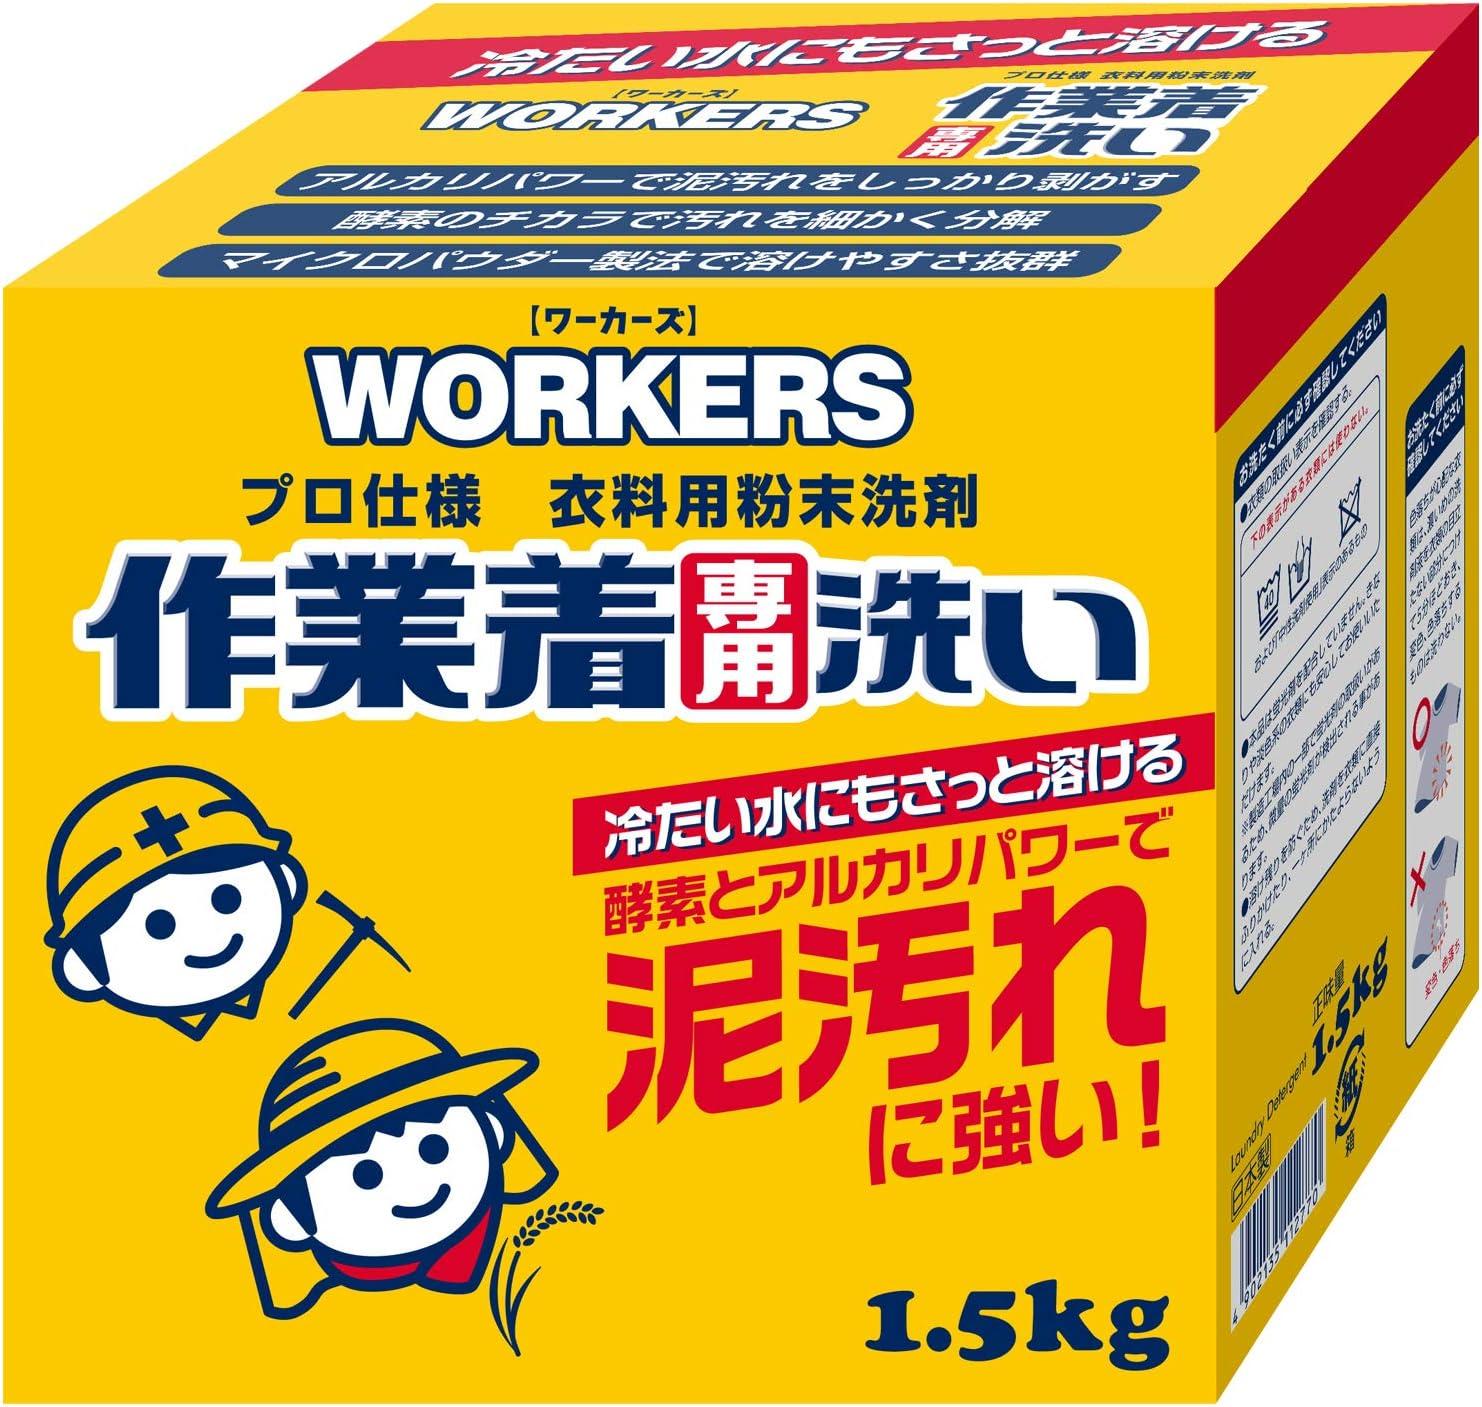 WORKERS 作業着専用 粉末洗剤 1.5kg (泥汚れ用)